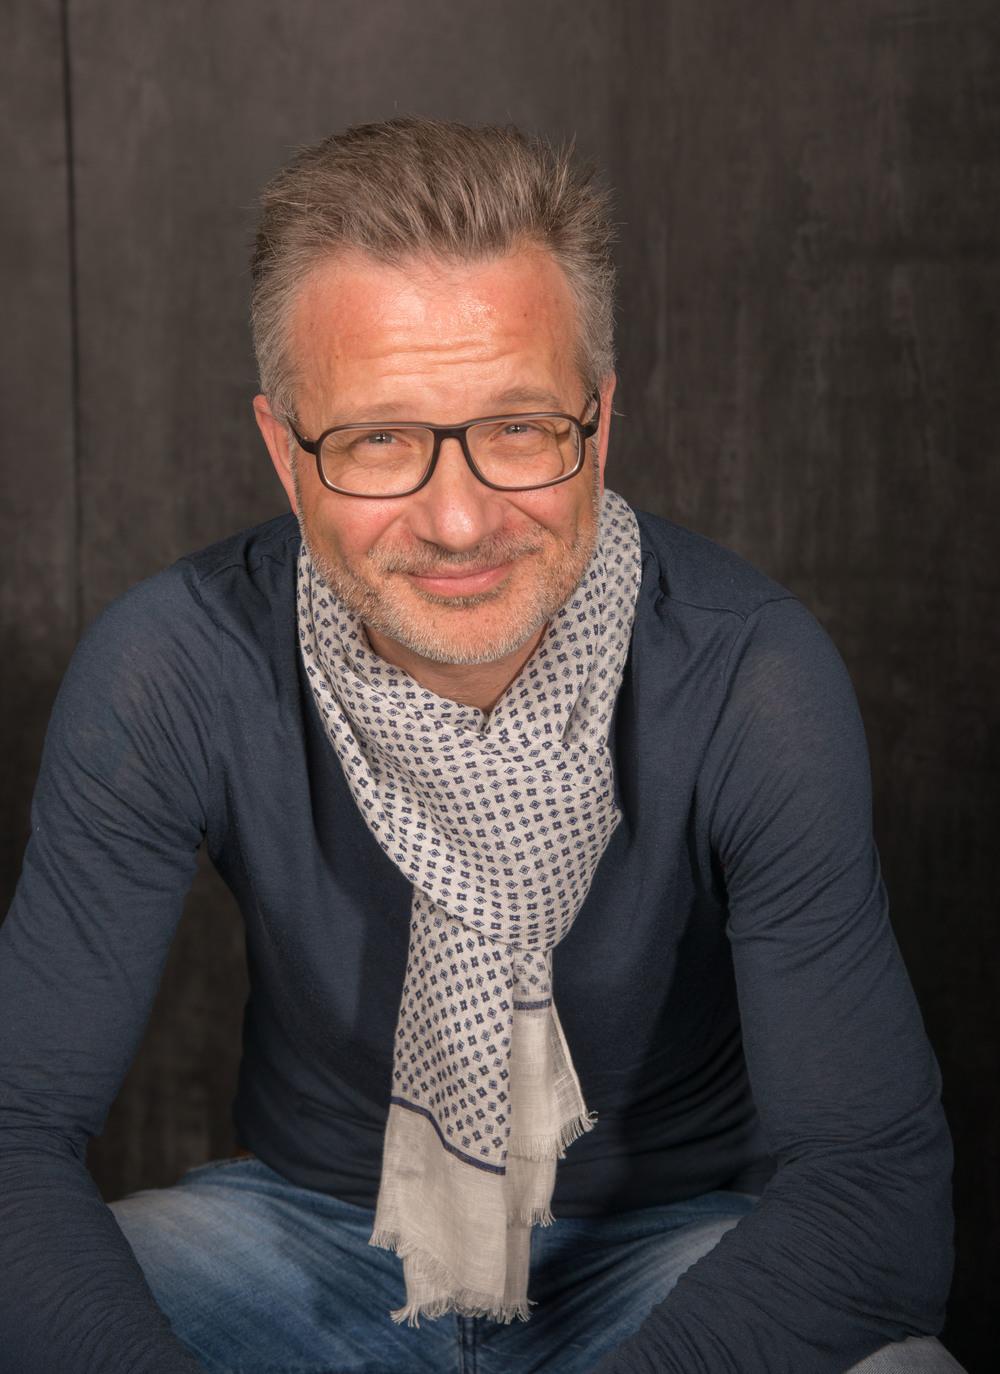 Marc Emde